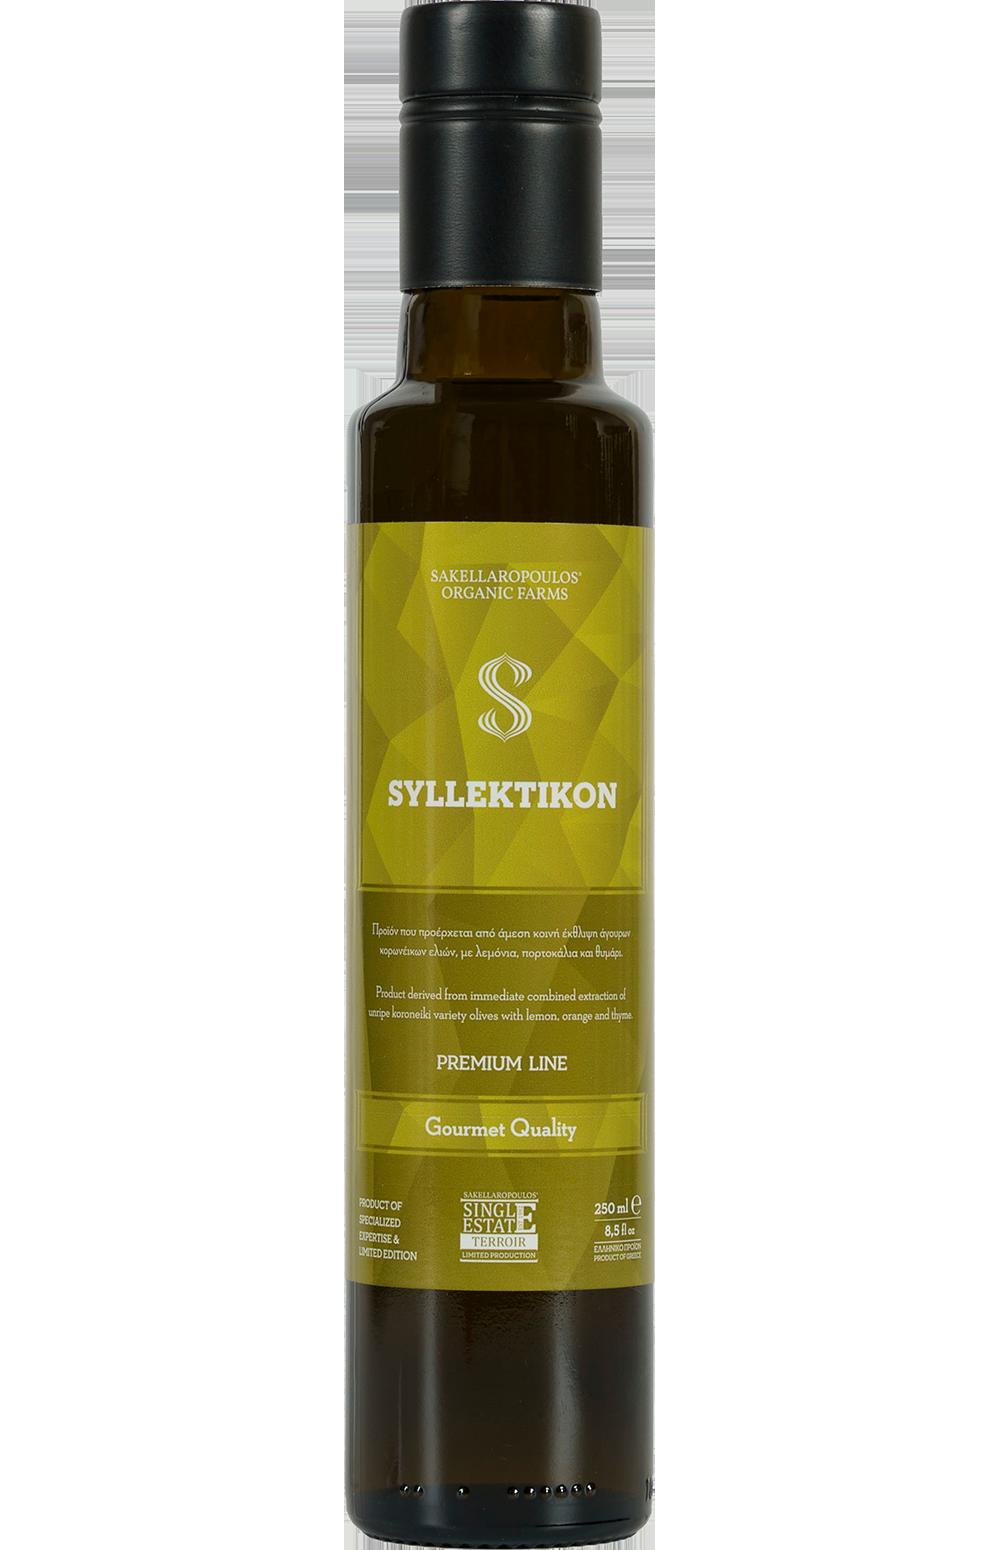 Syllektikon Gourmet Evoo Orange, Lemon & Thyme